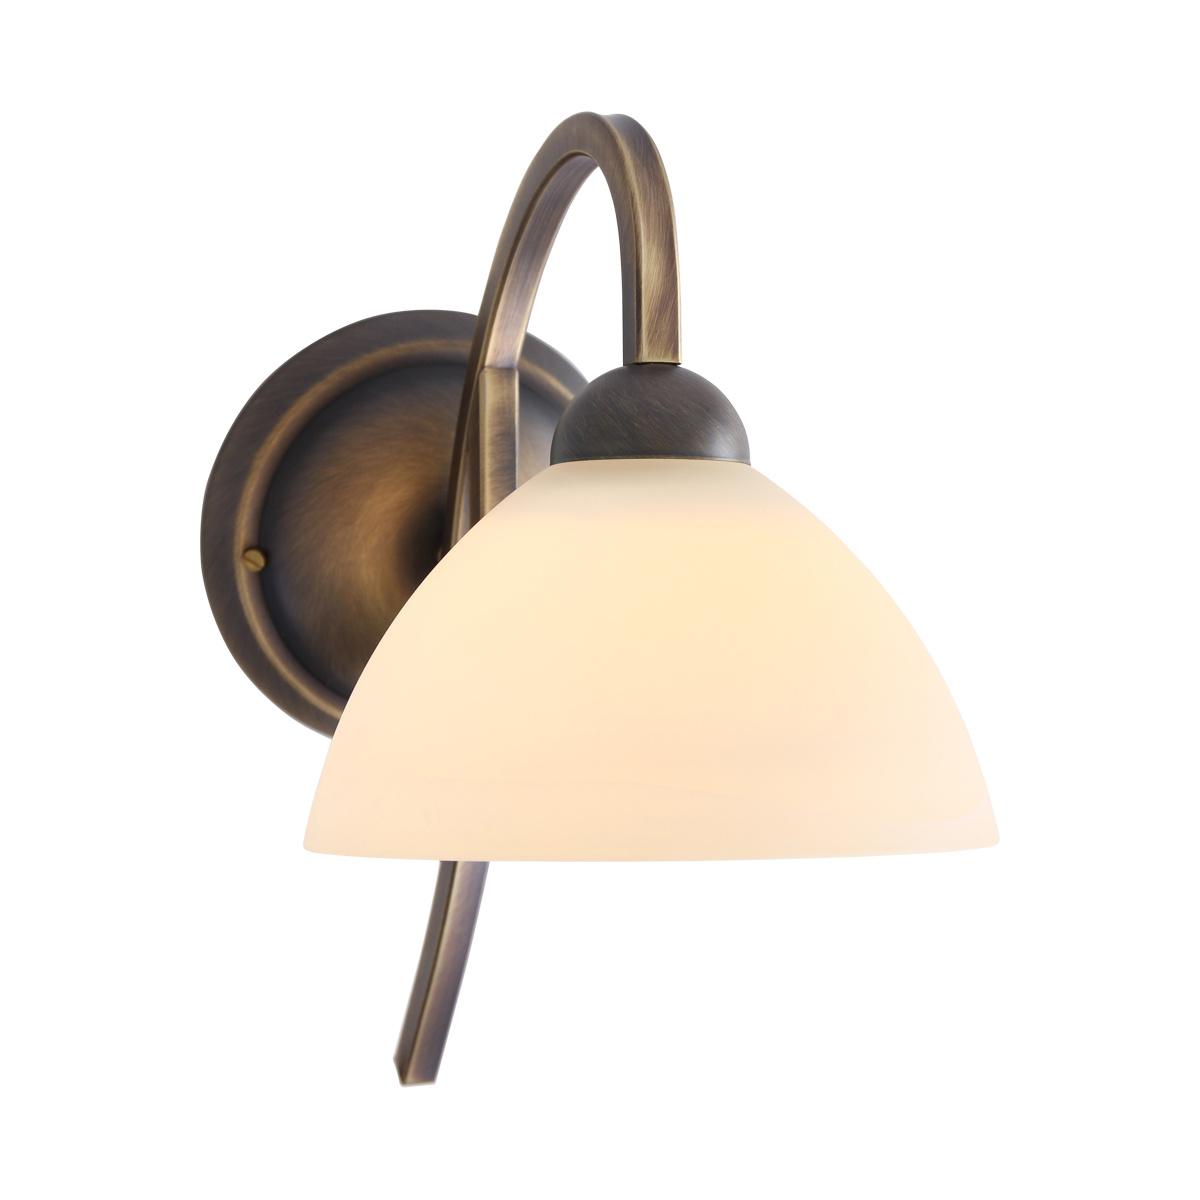 Leuke wandlamp Capri